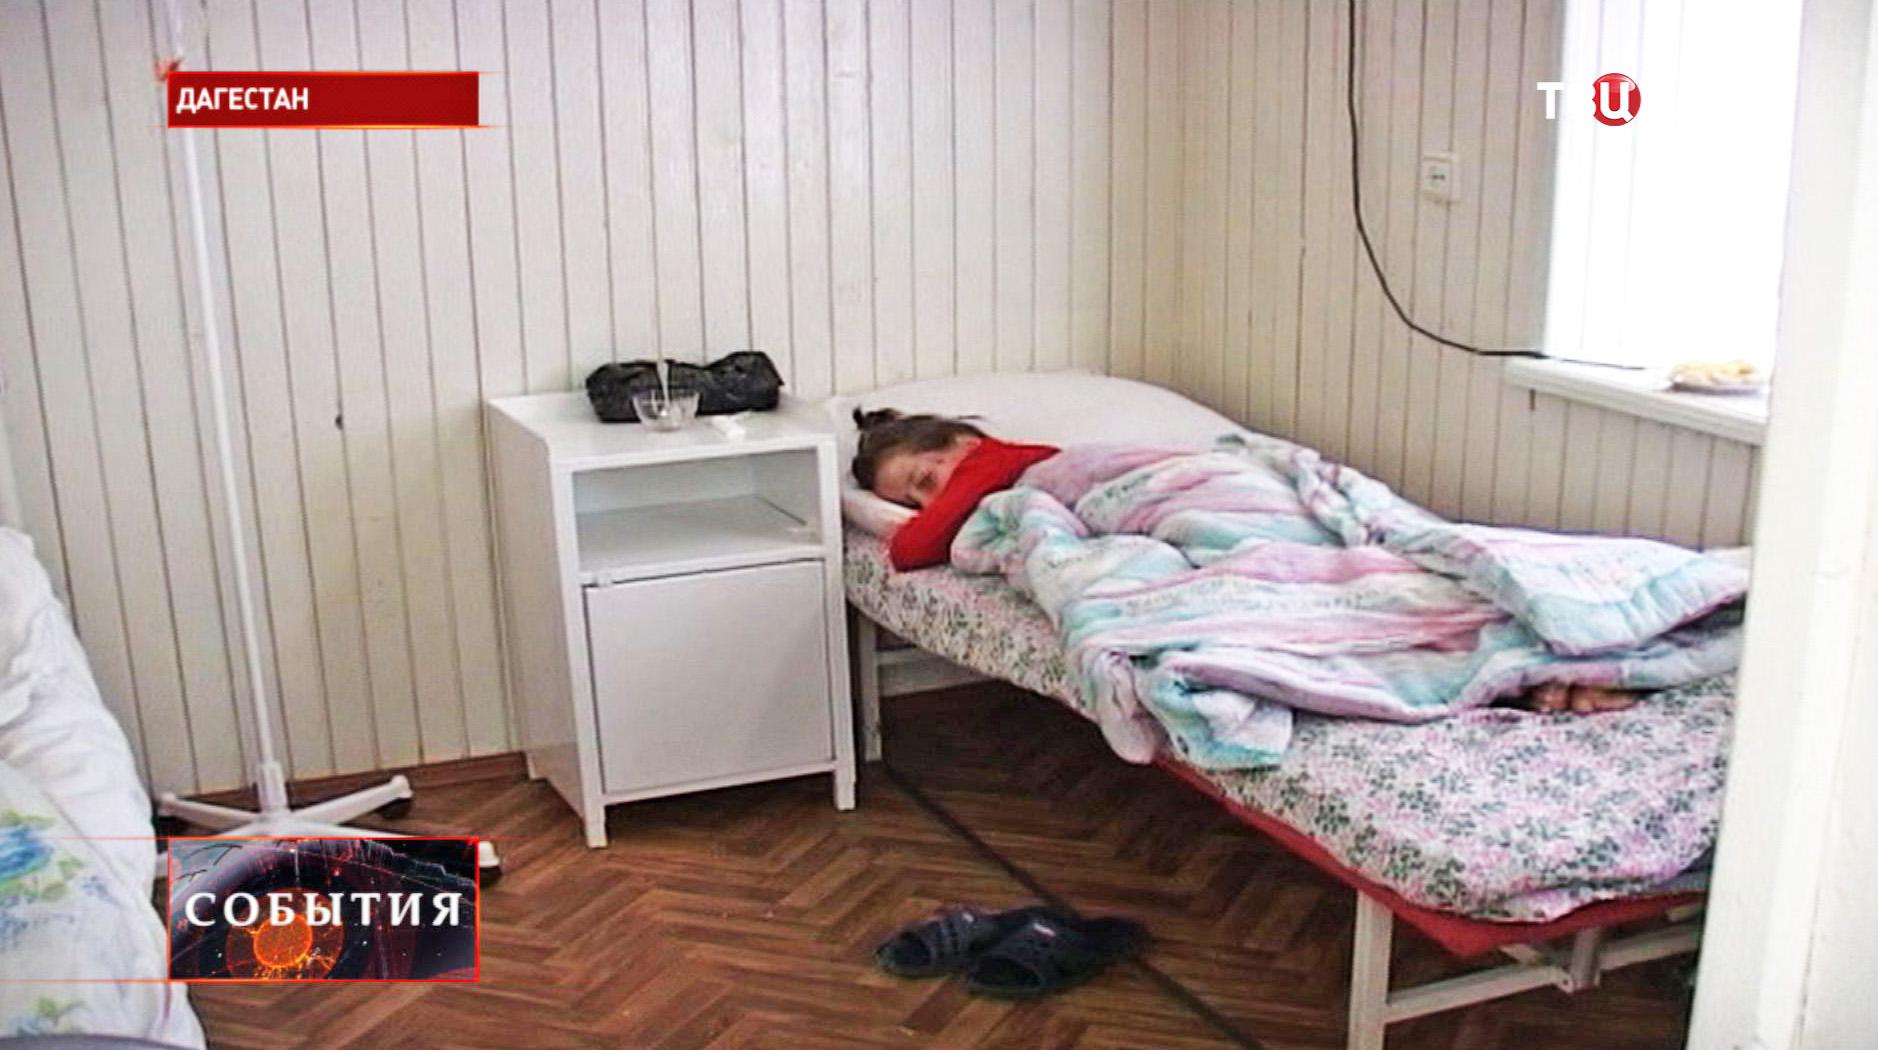 Школьник, пострадавшие в ДТП в Дагестане